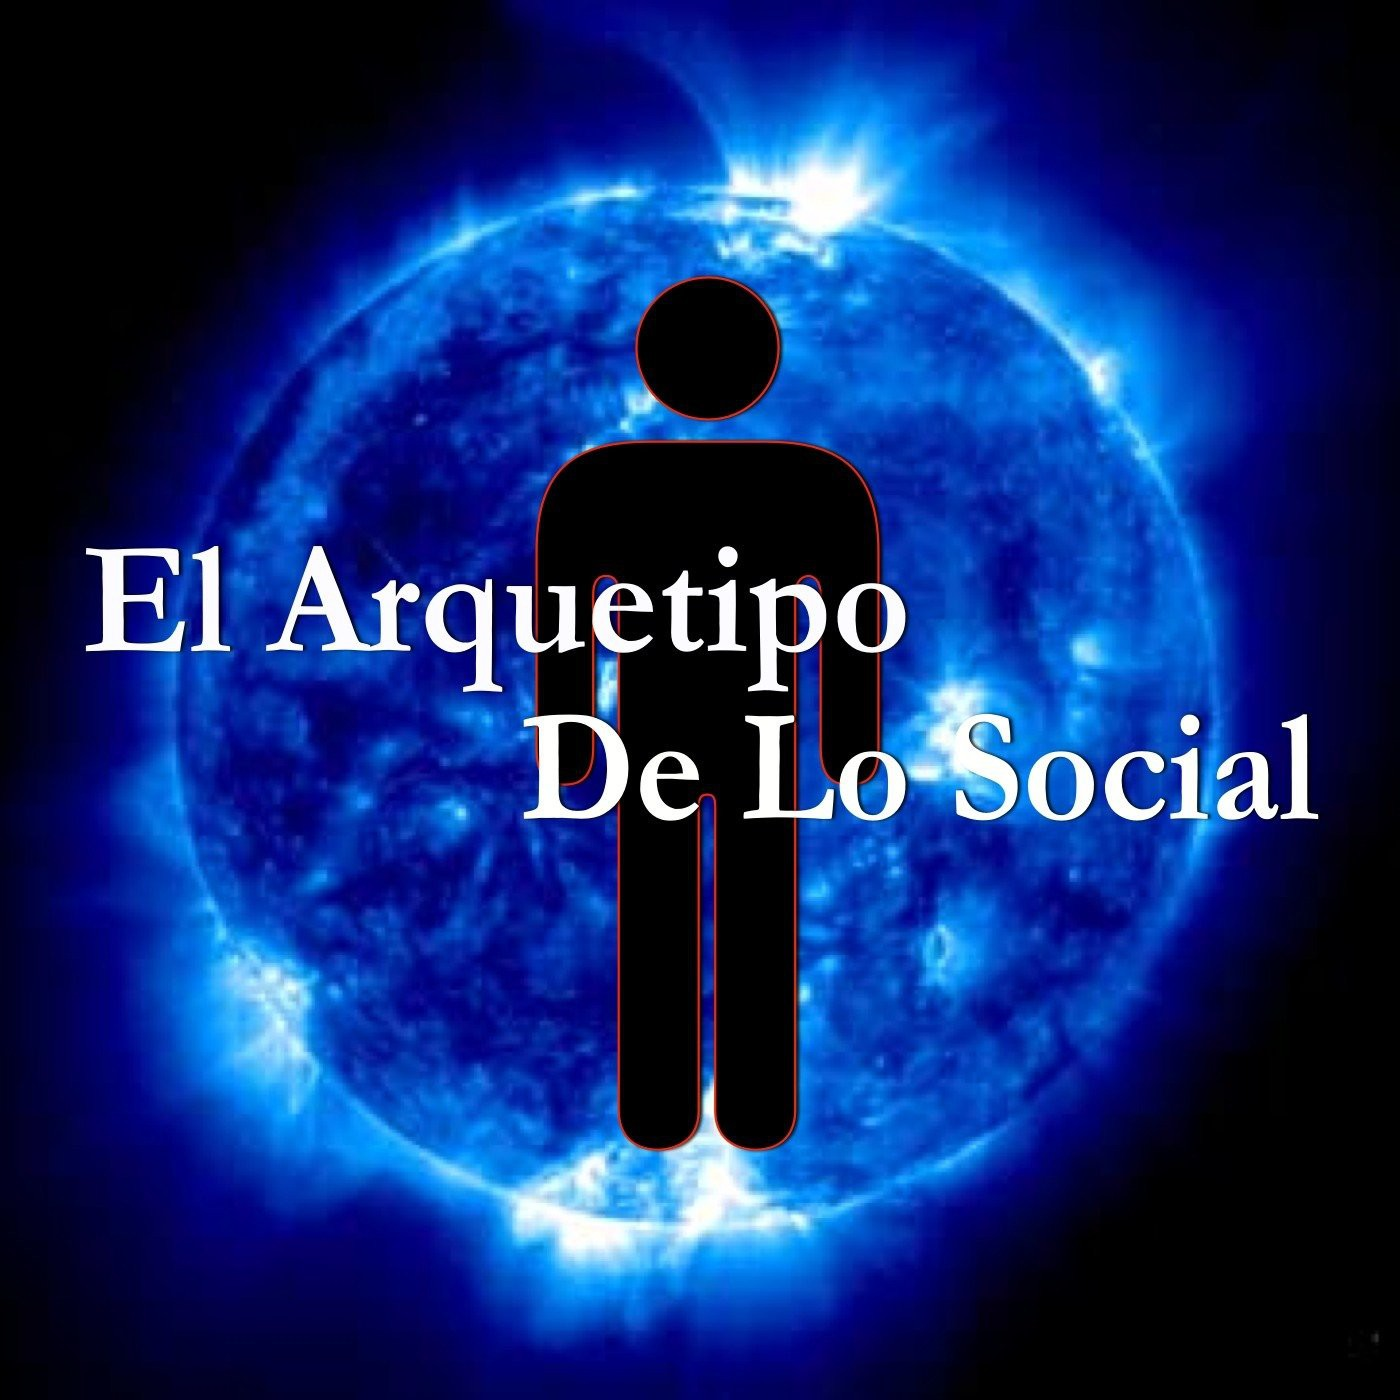 El Arquetipo De Lo Social